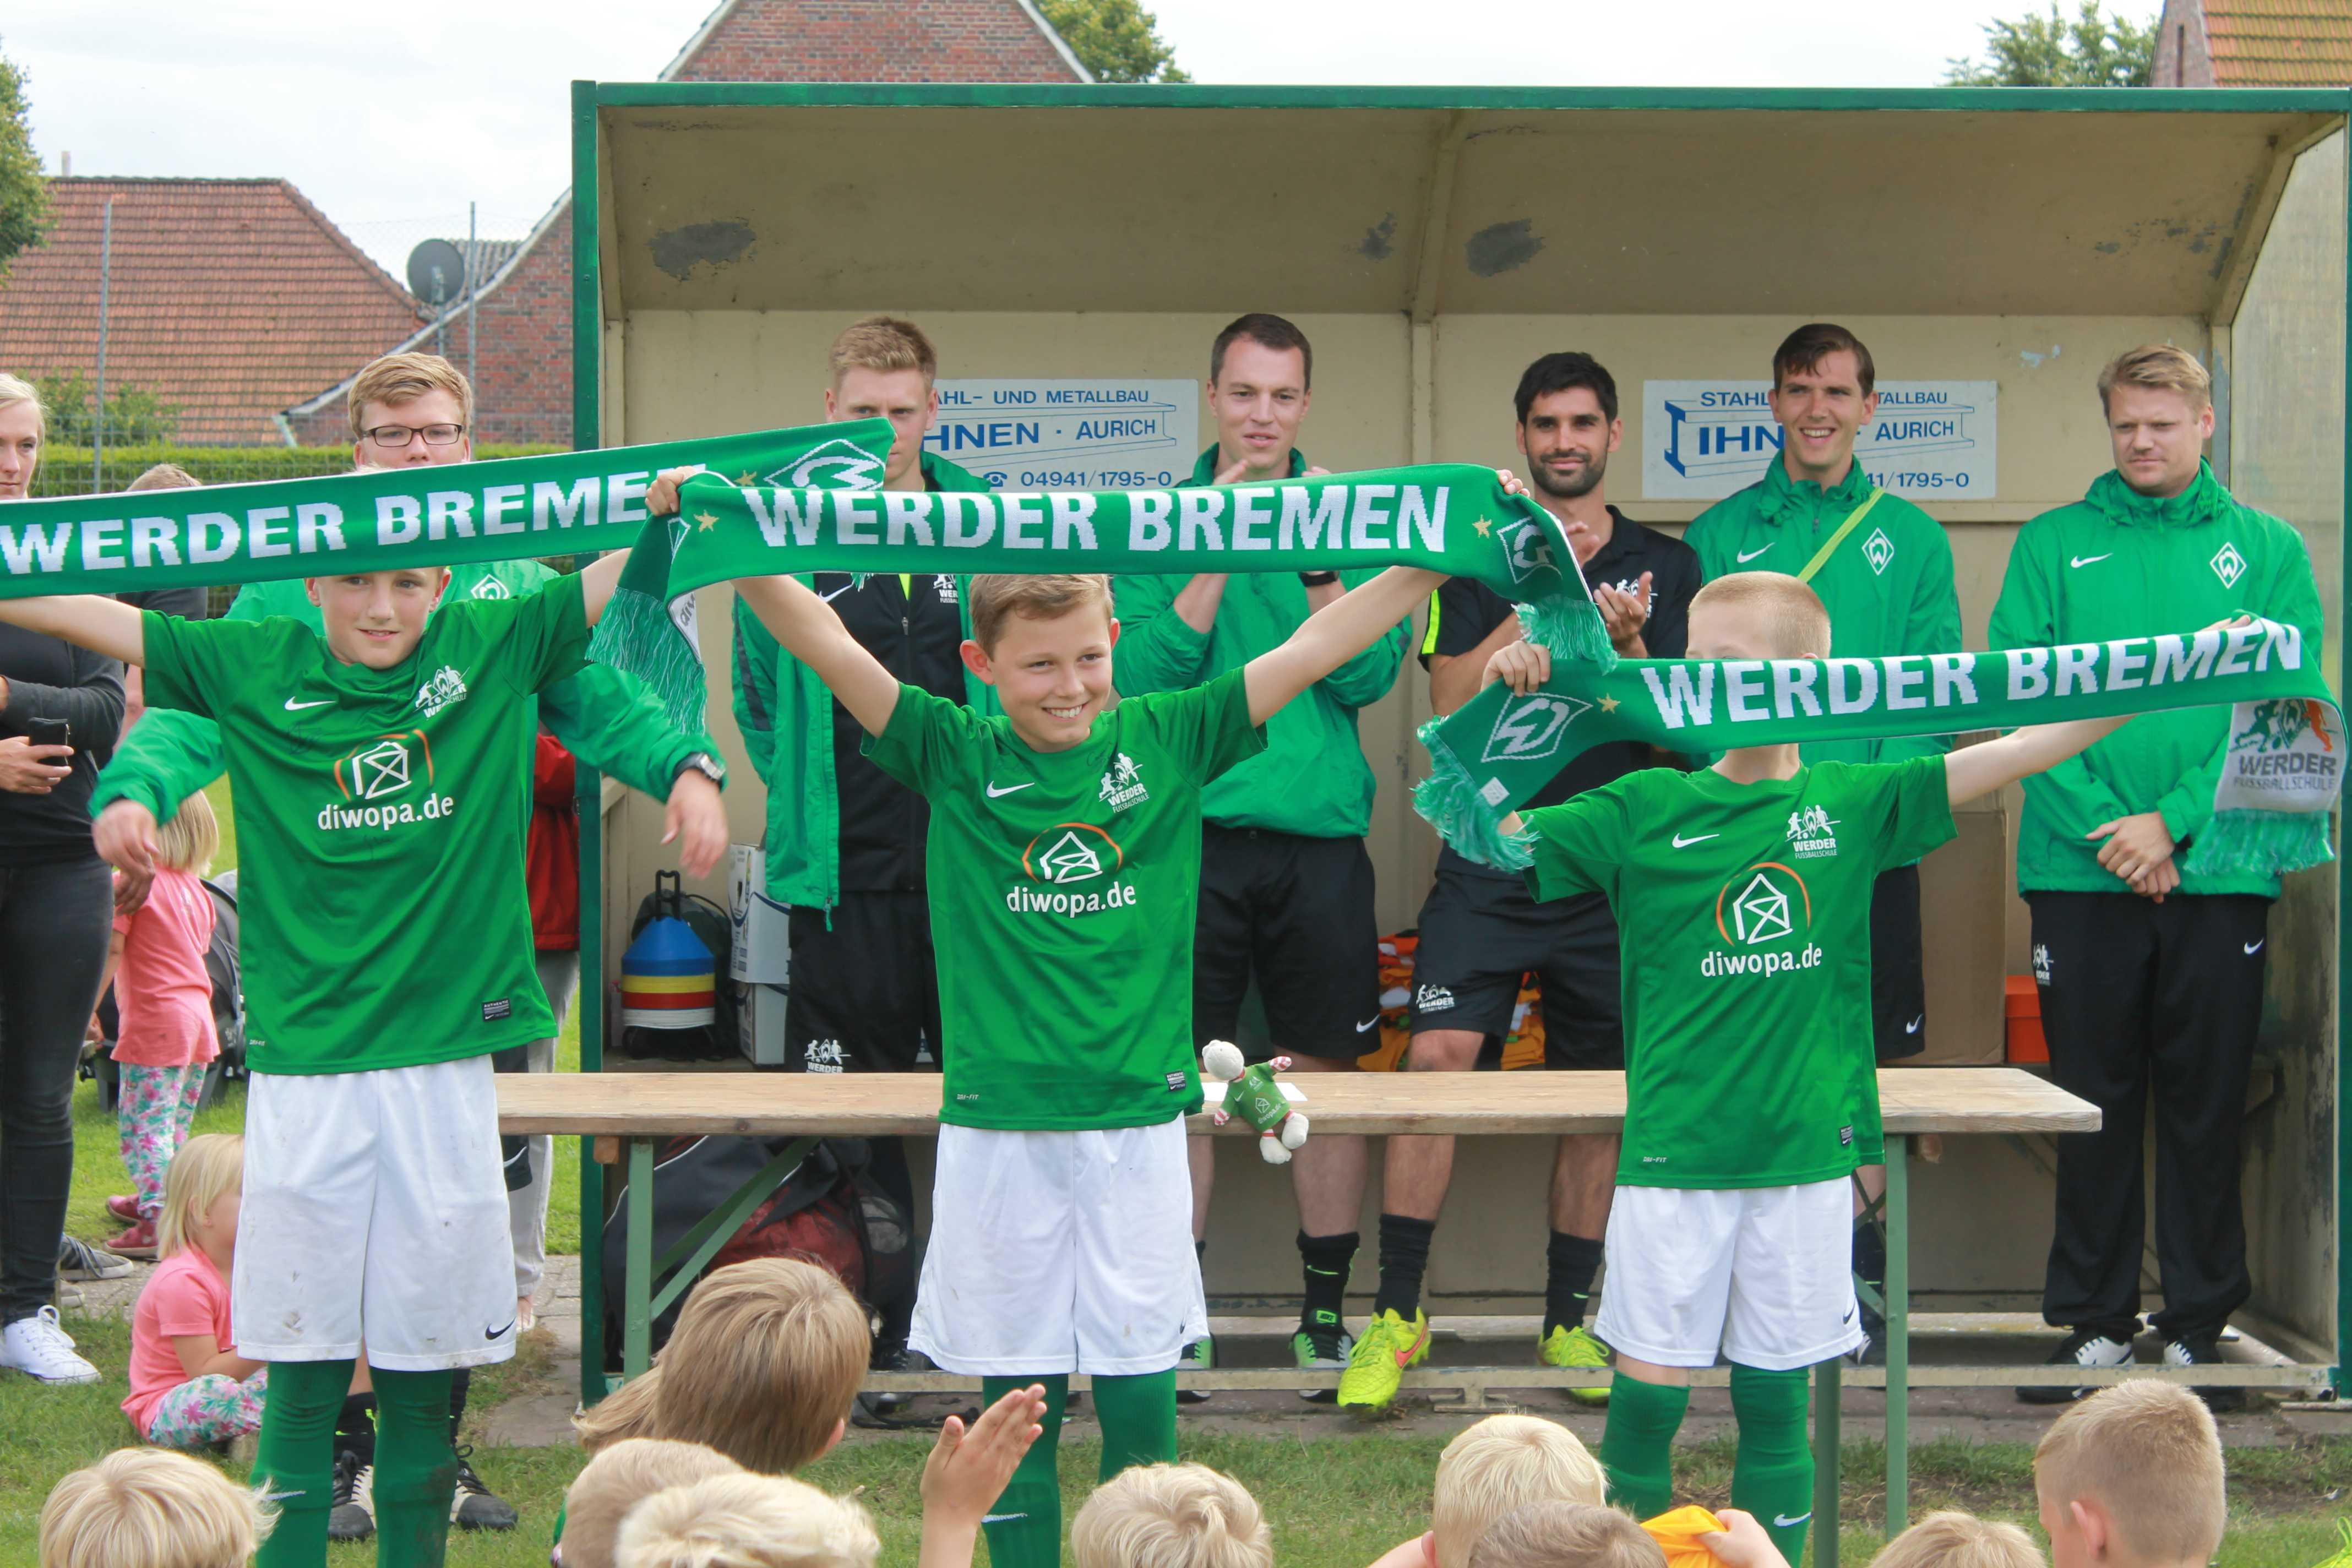 2016-08-14 Werder CAMPontour - Sonntag (133)